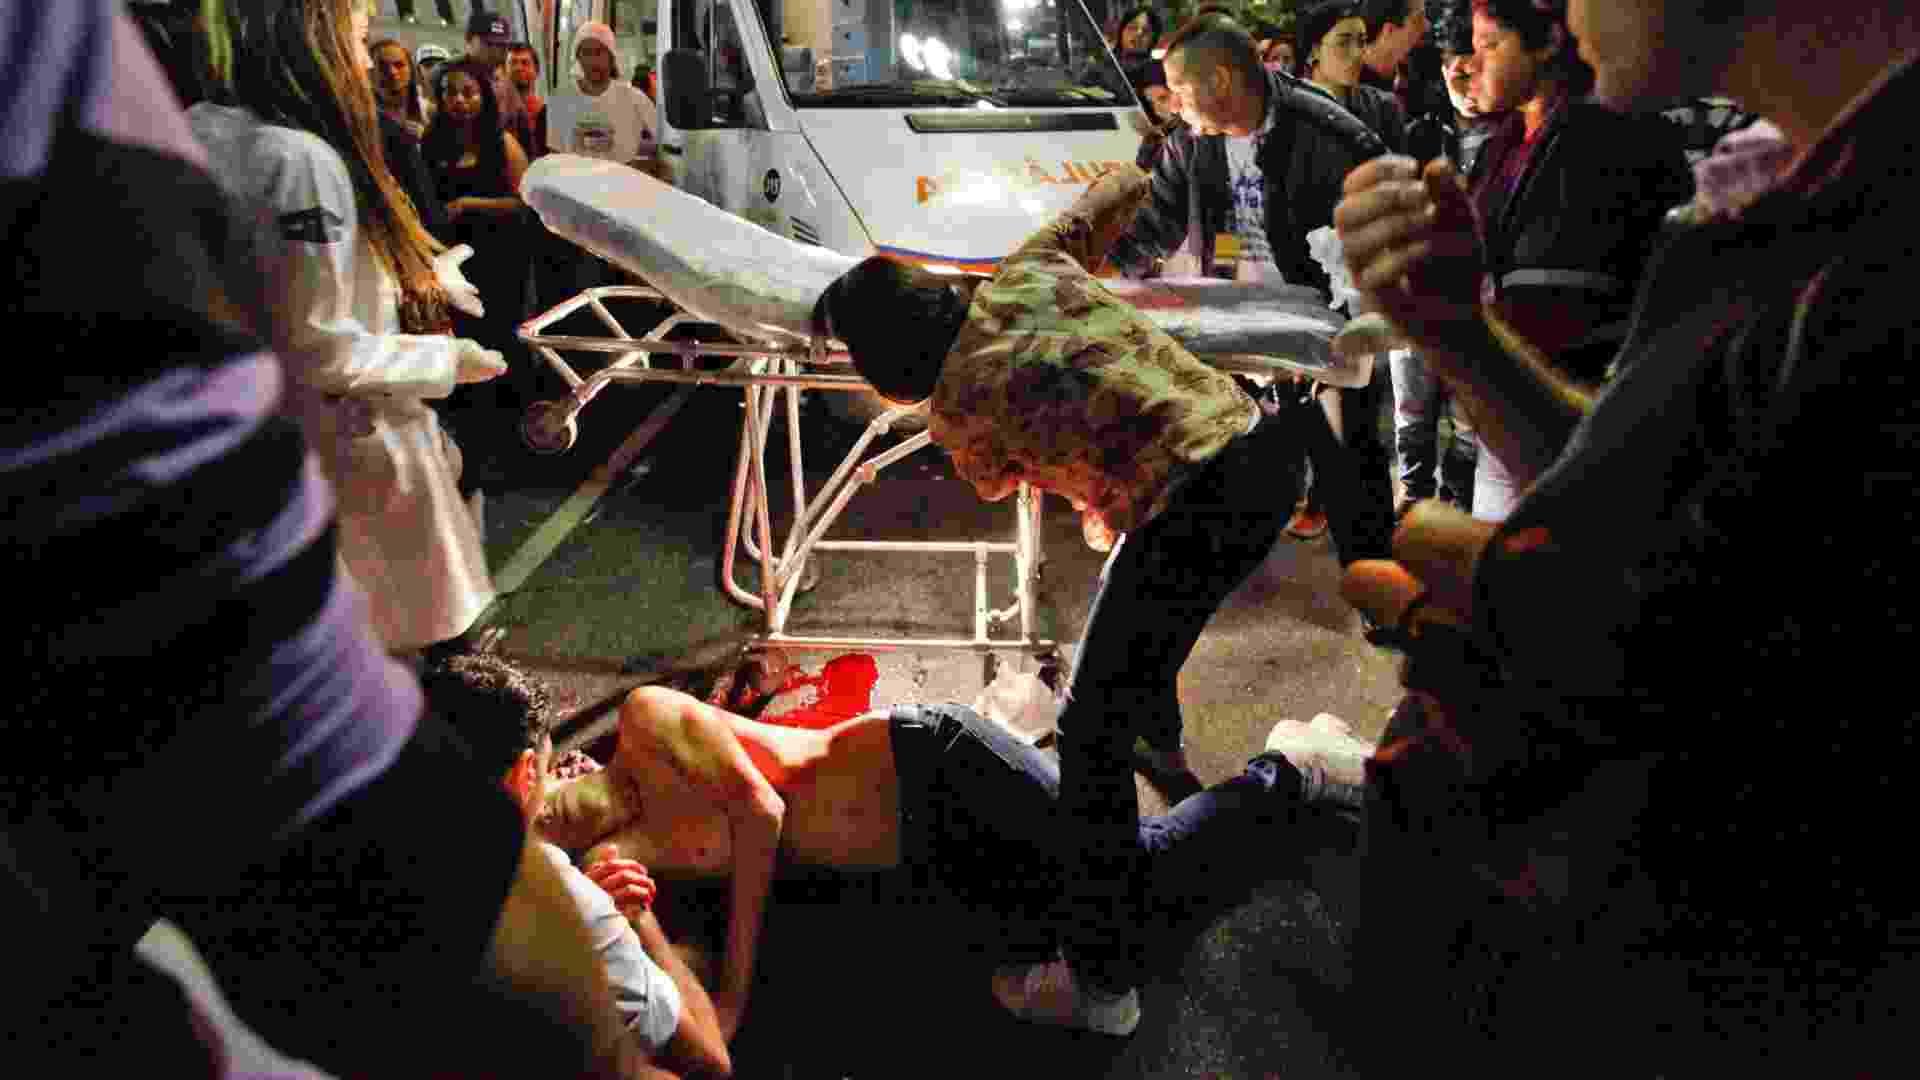 19.mai.2013 - Um rapaz de aproximadamente 19 anos foi assaltado e esfaqueado no viaduto do Chá, durante a Virada Cultural, em São Paulo. A facada atingiu as costas da vítima, que perdeu muito sangue e foi levada a um pronto socorro da região - Warley Leite/Brazil Photo Press